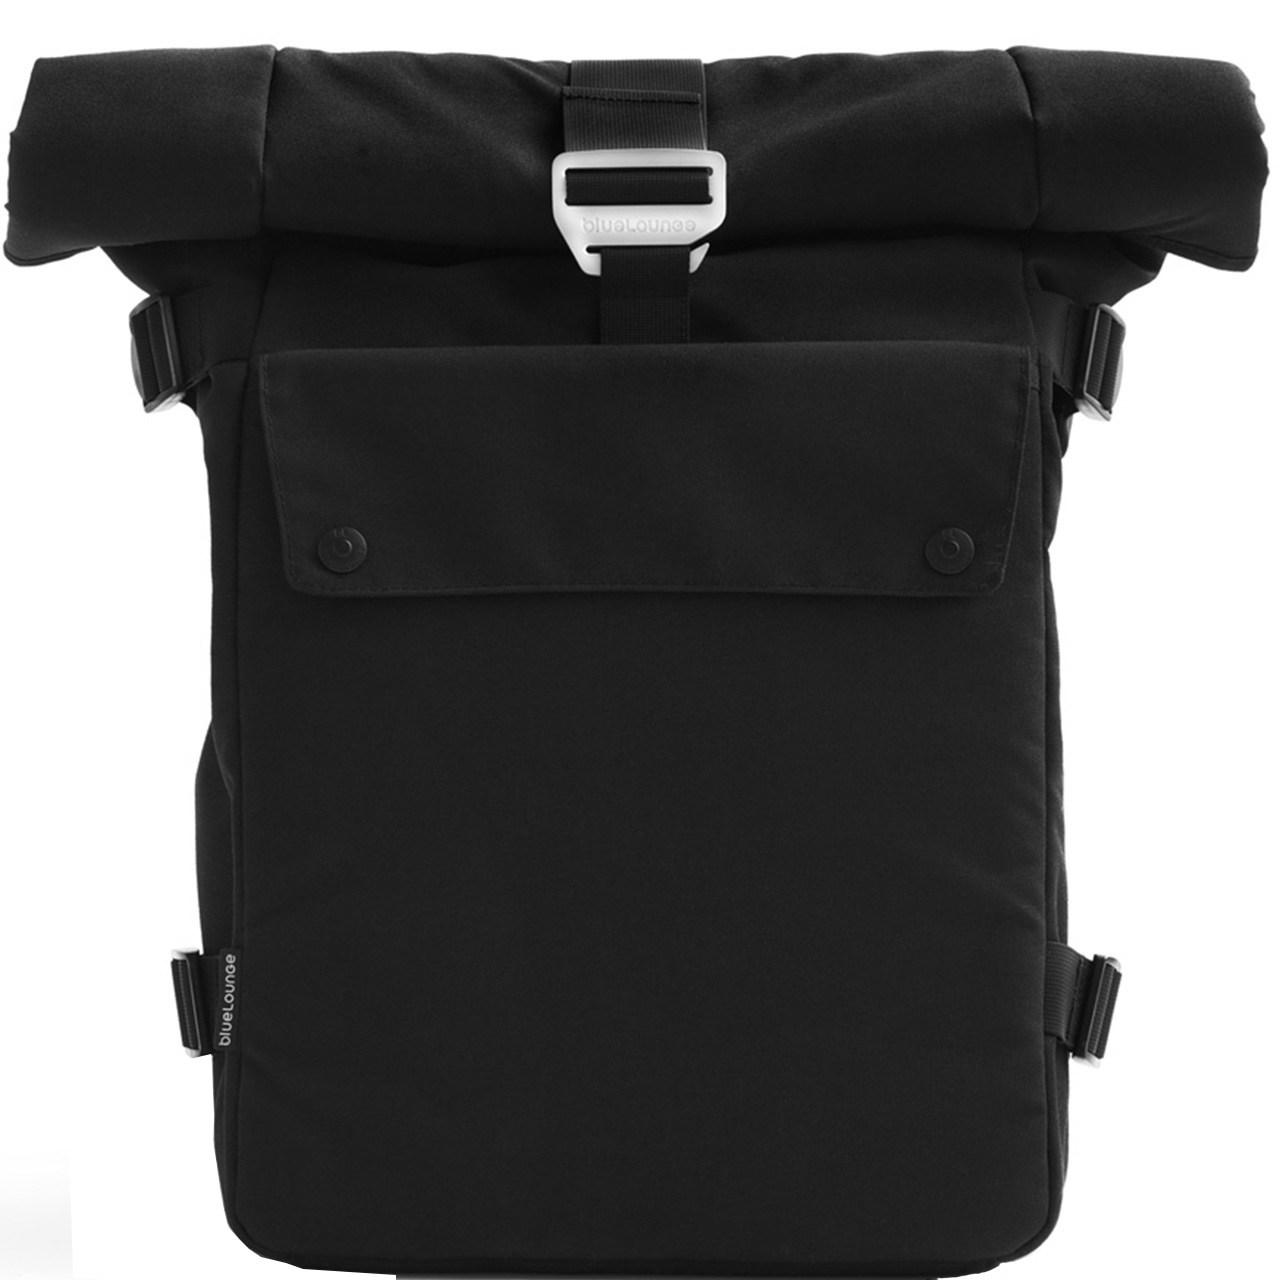 کوله پشتی لپ تاپ بلولانژ مناسب برای لپ تاپ 15 اینچی